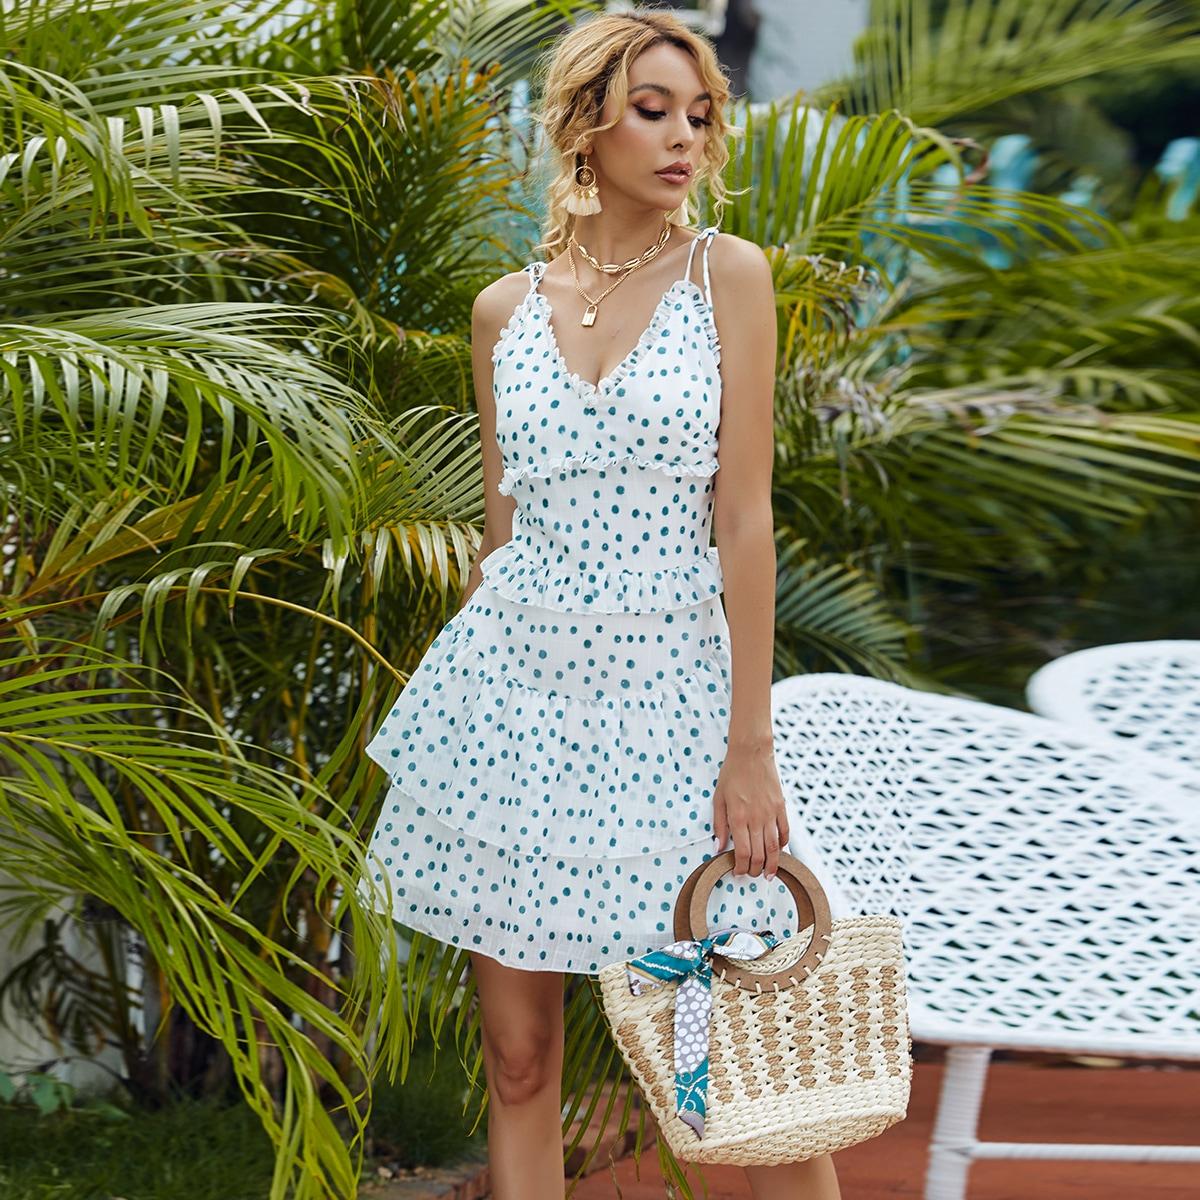 SHEIN / Mehrschichtiges Cami Kleid mit Raffung und Punkten Muster